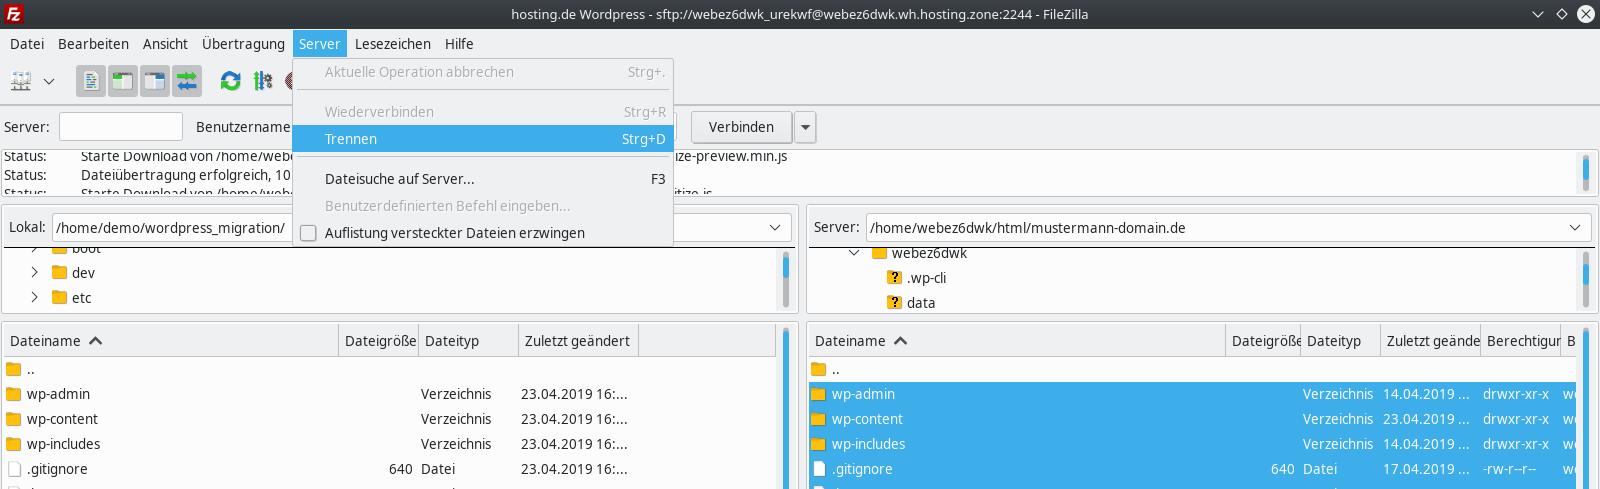 Datei Download FileZilla